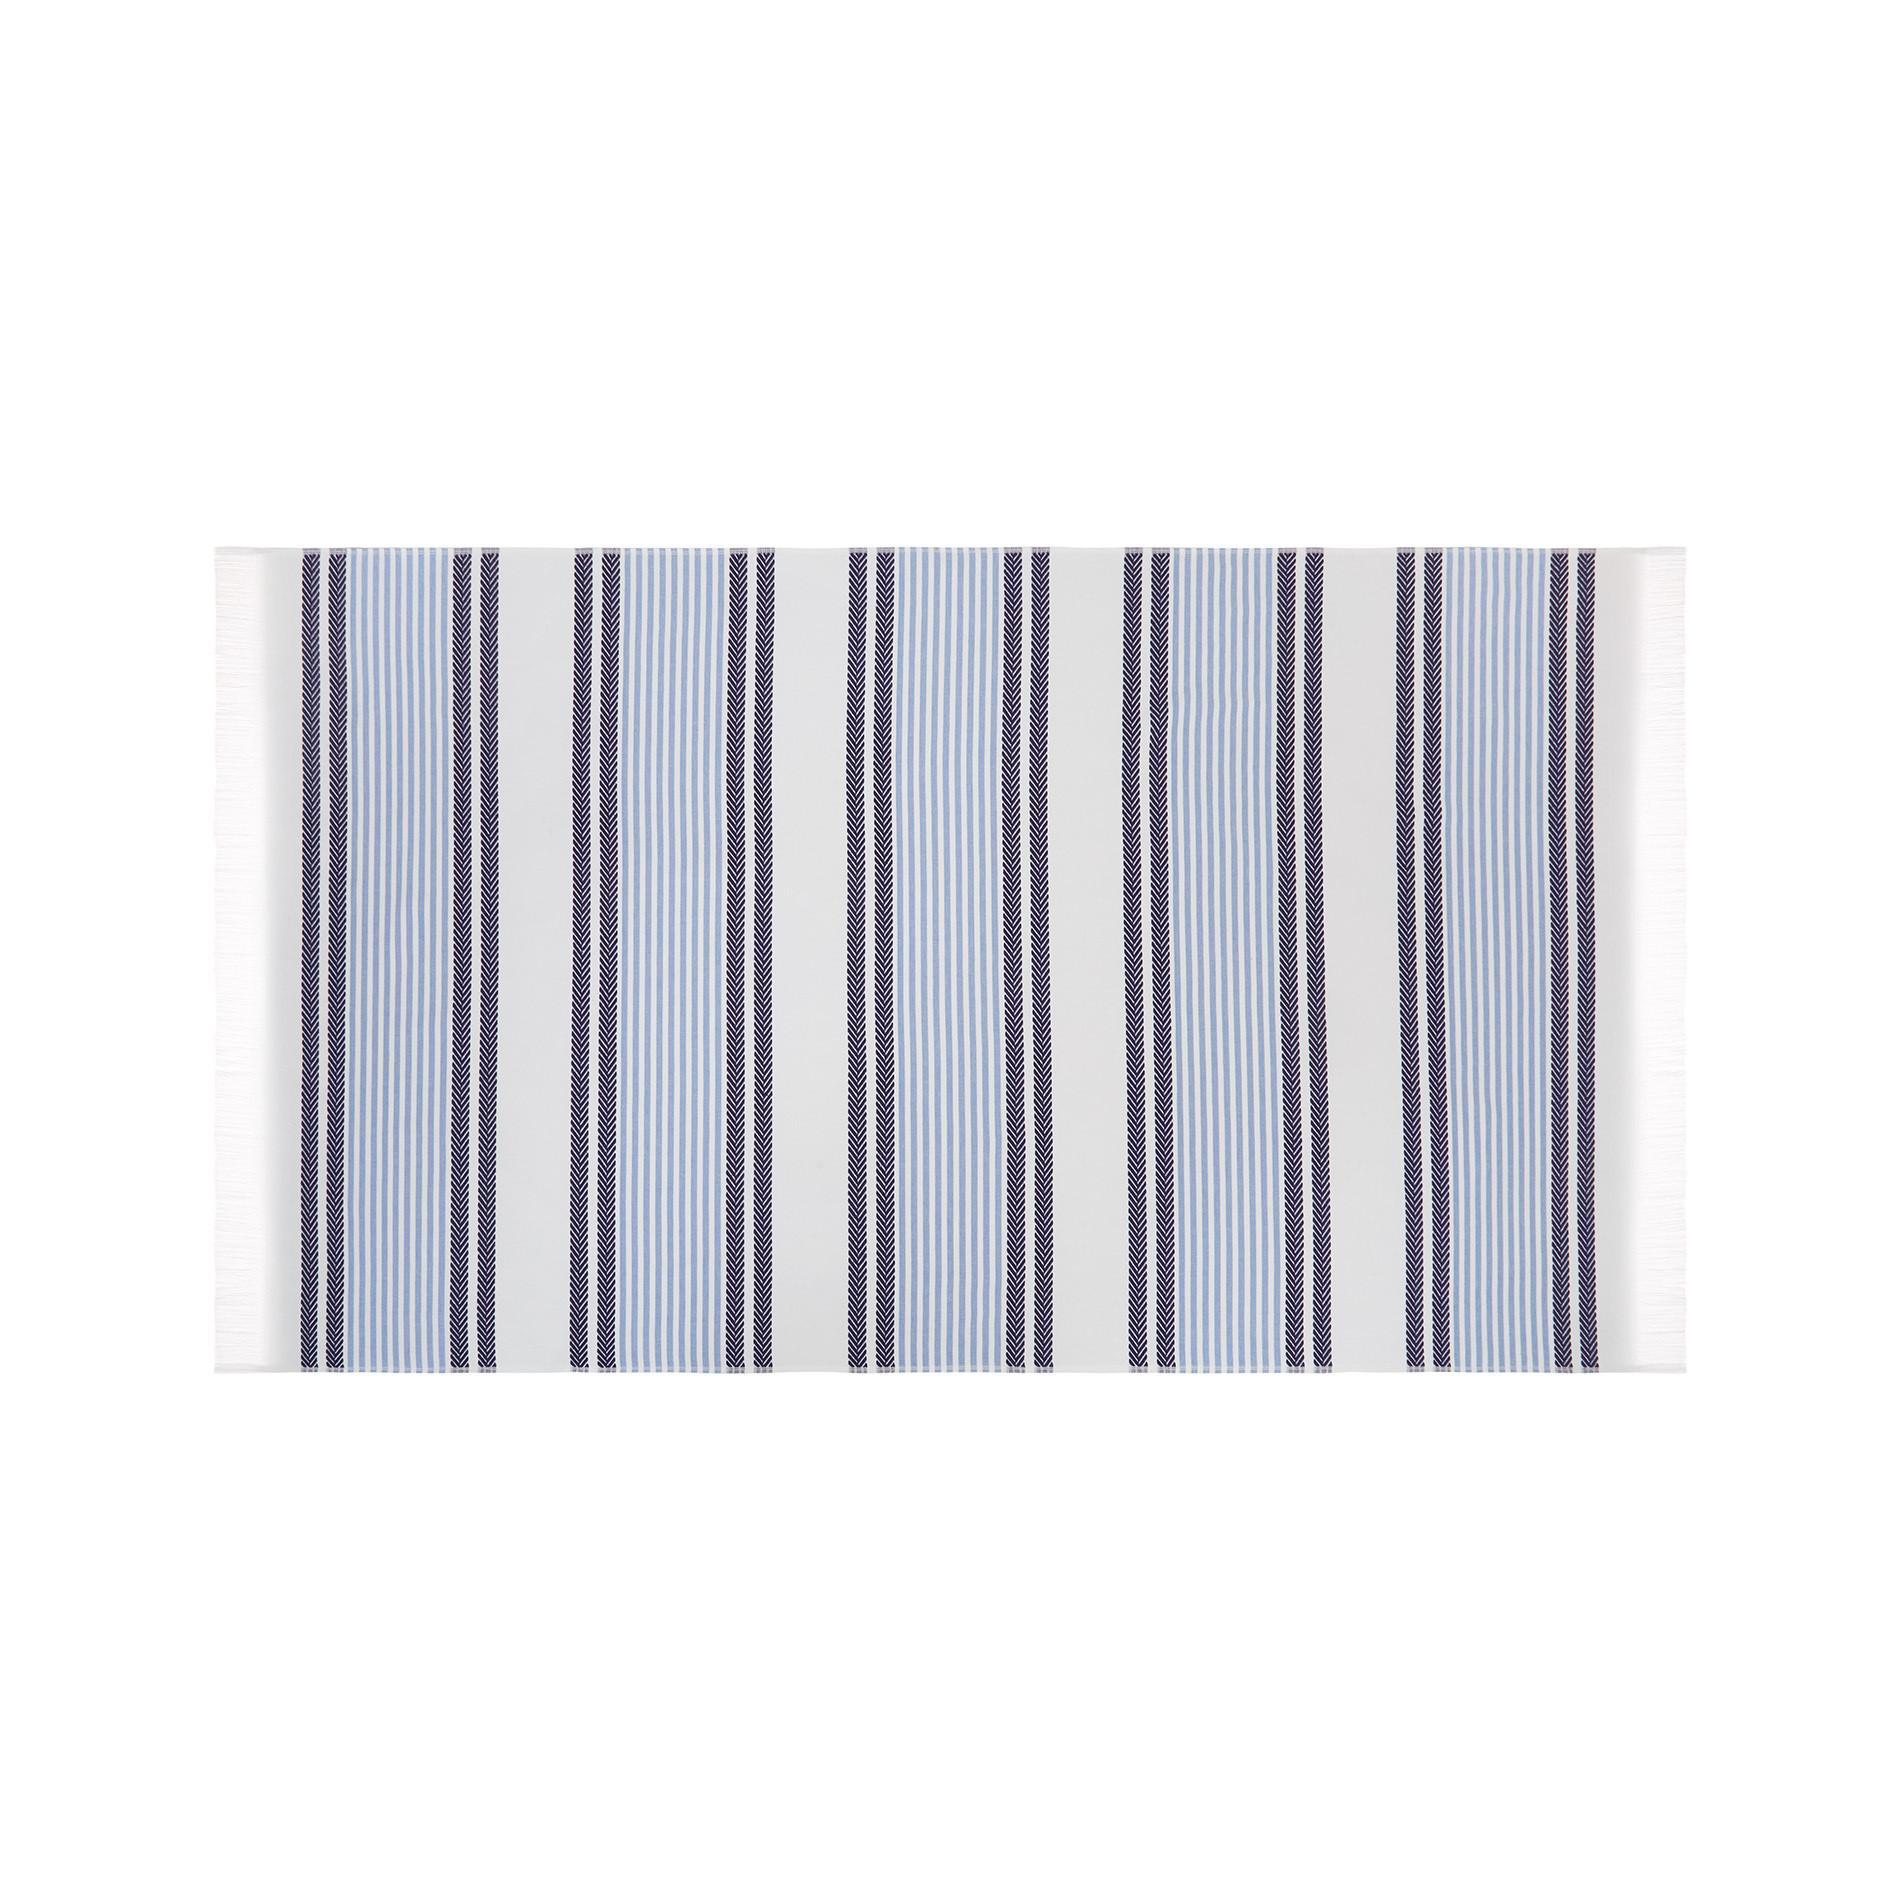 Telo mare hammam cotone jacquard tinto filo a righe, Azzurro, large image number 0